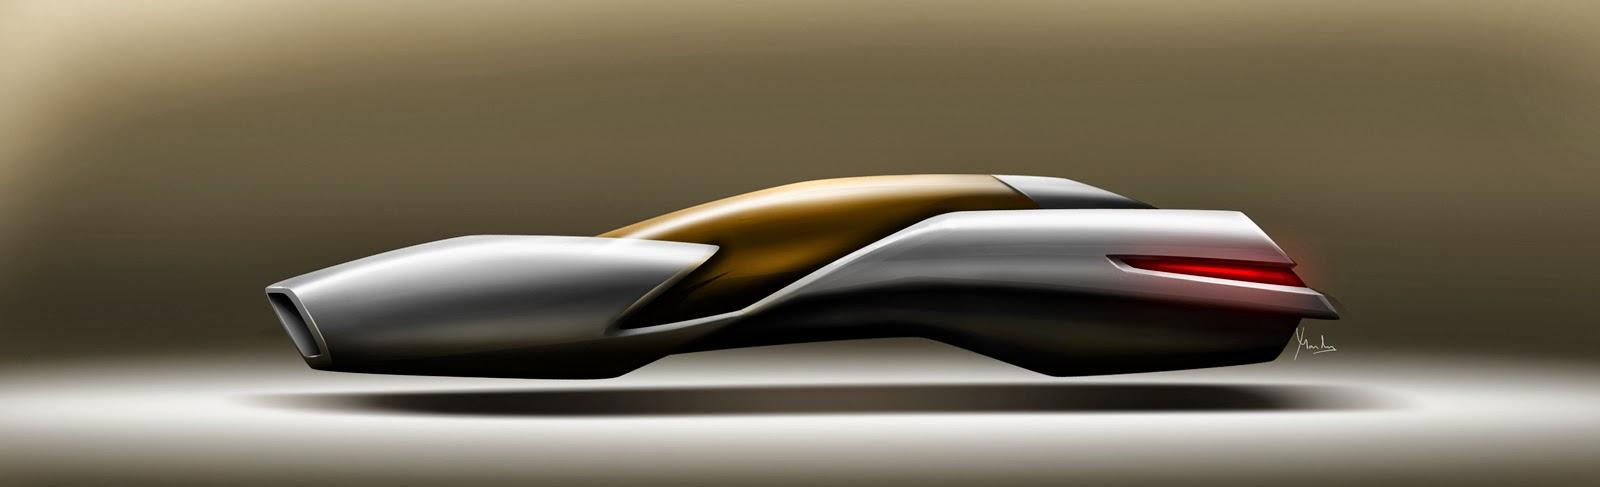 Marceloaguiar Design Car Design Portfolio Leon2049 Initial Phase